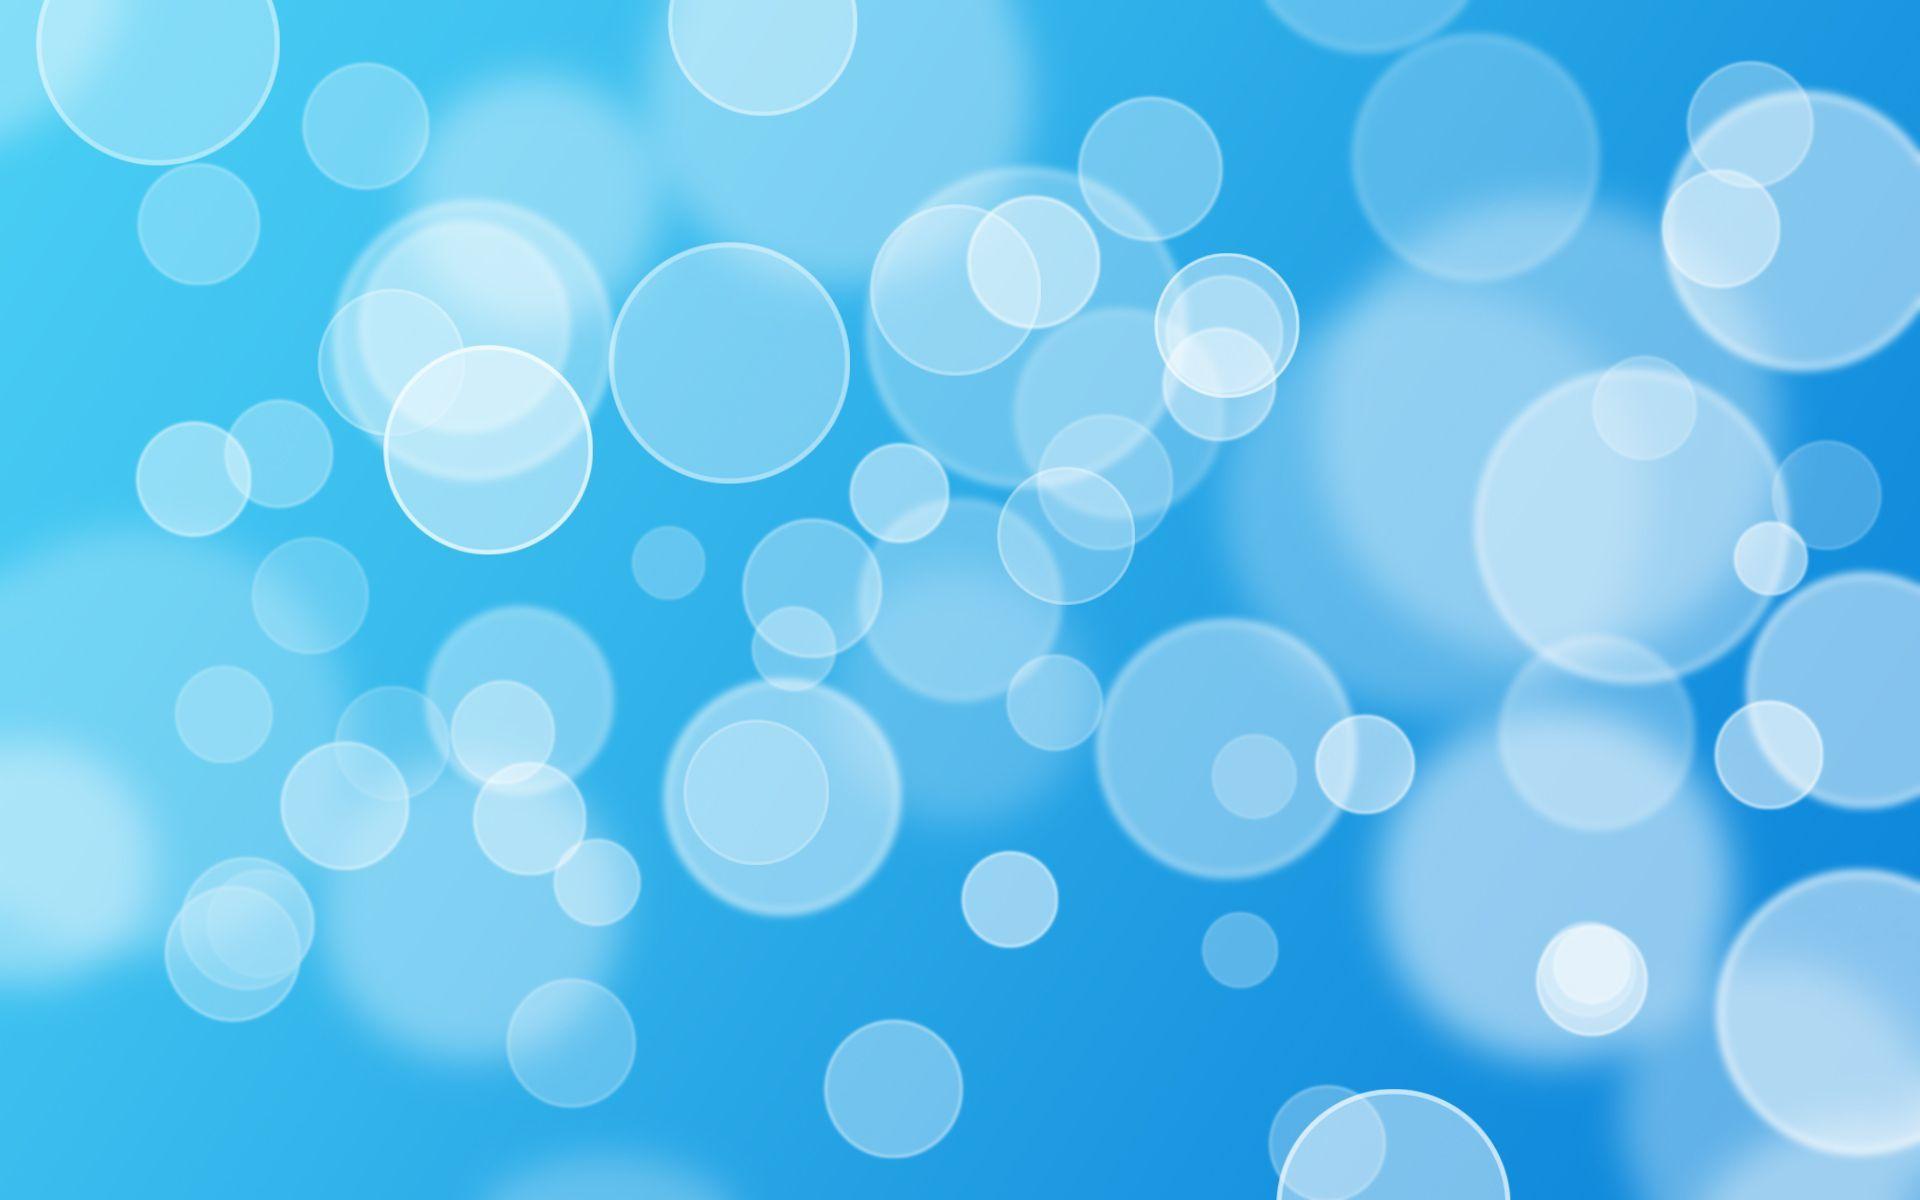 Blue Bubbles Clip Art PPT Backgrounds